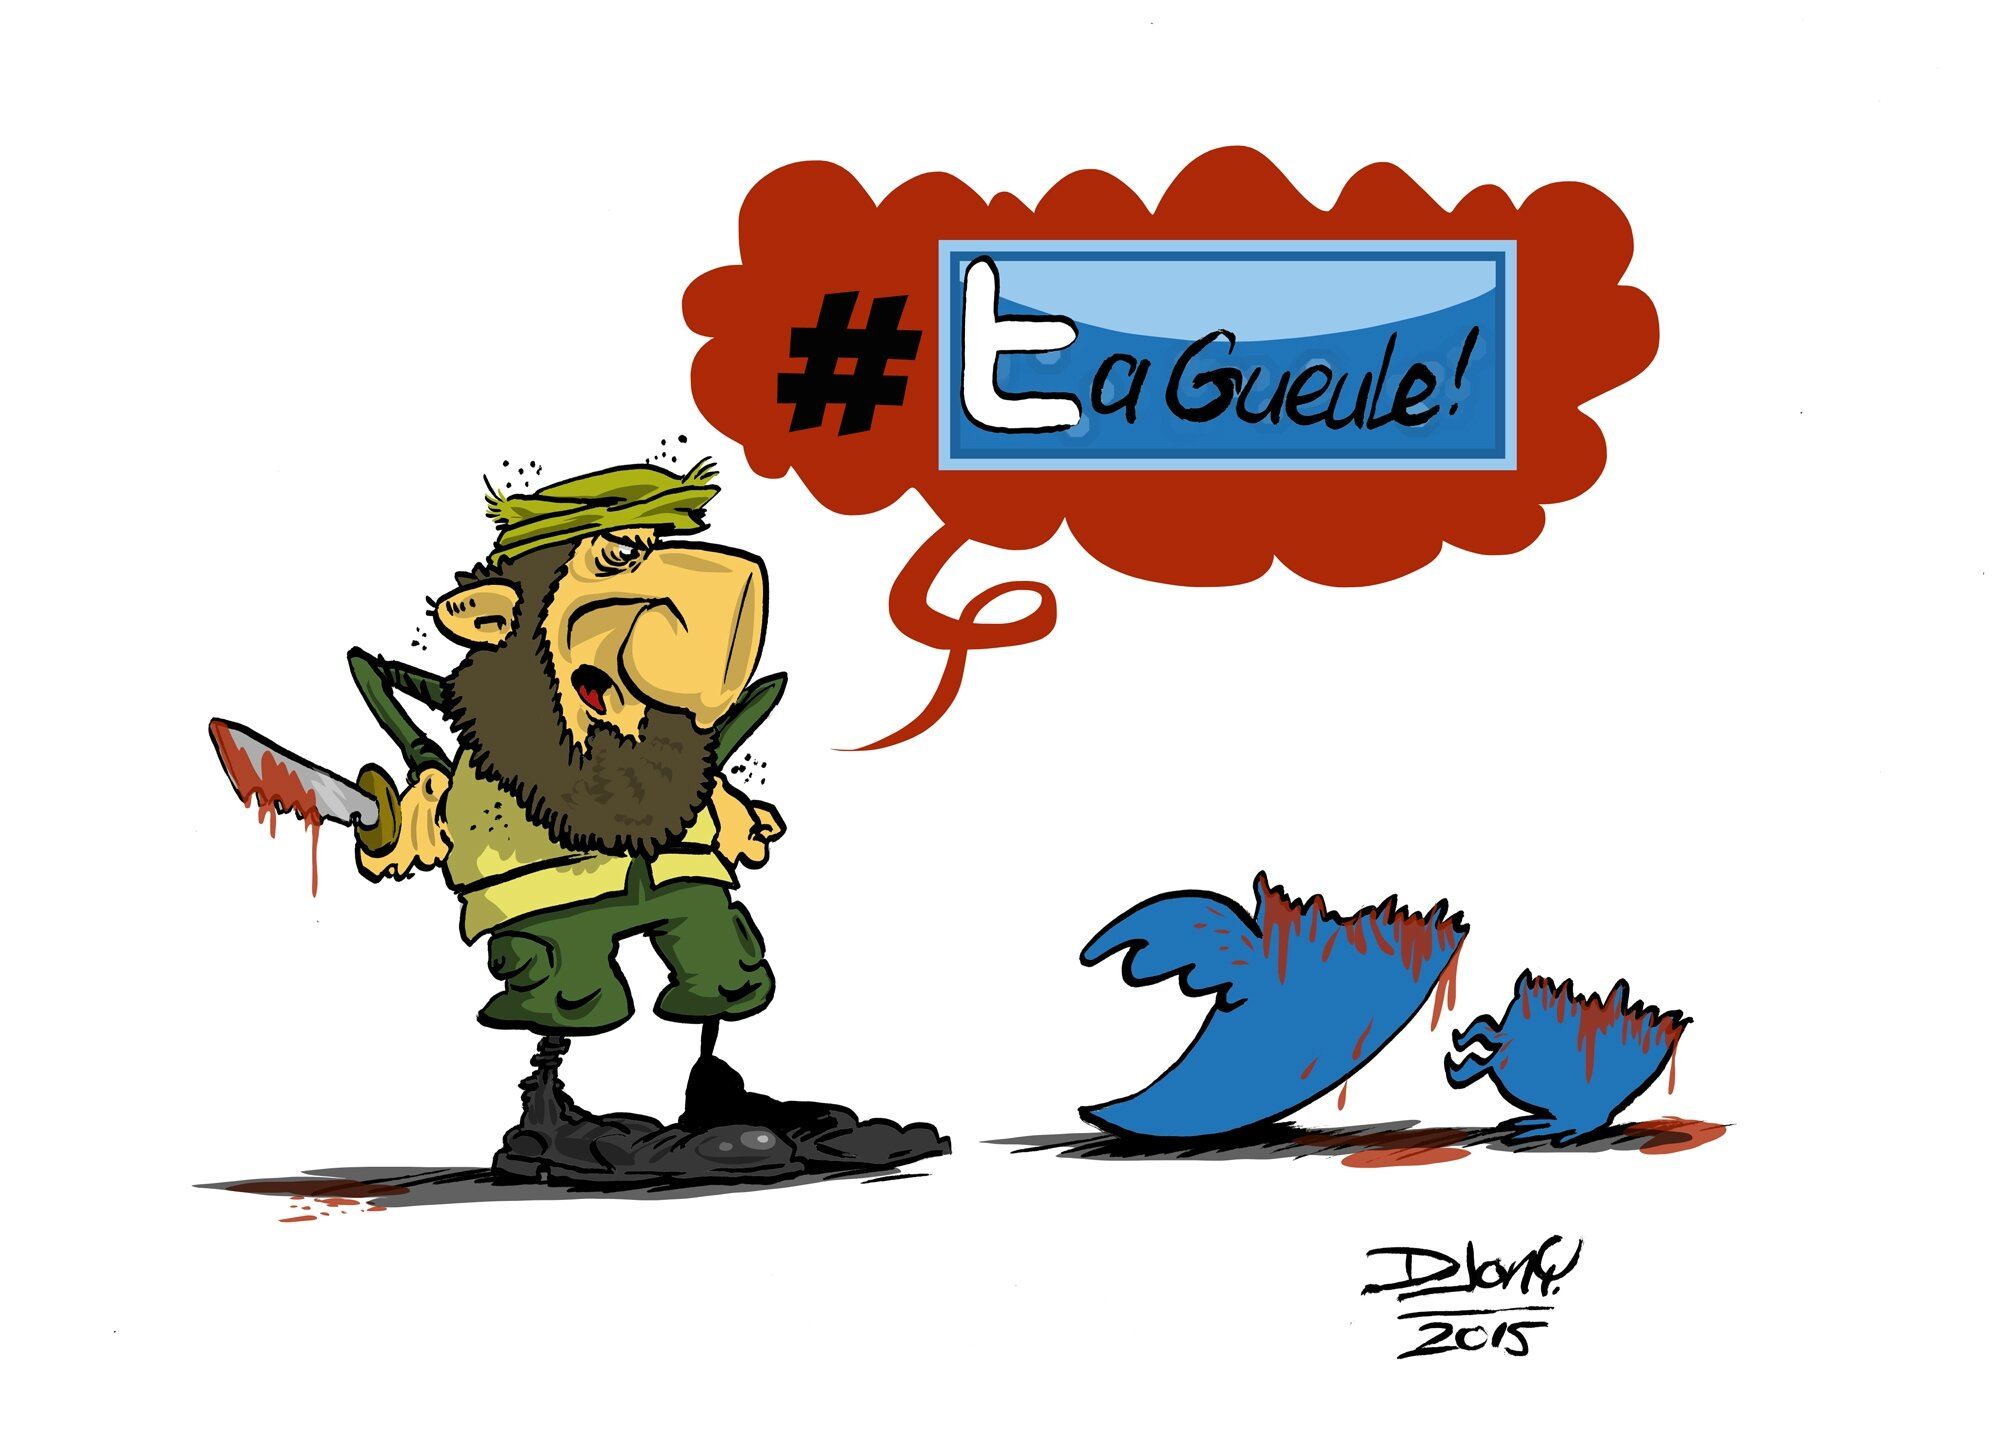 Djony twitter2